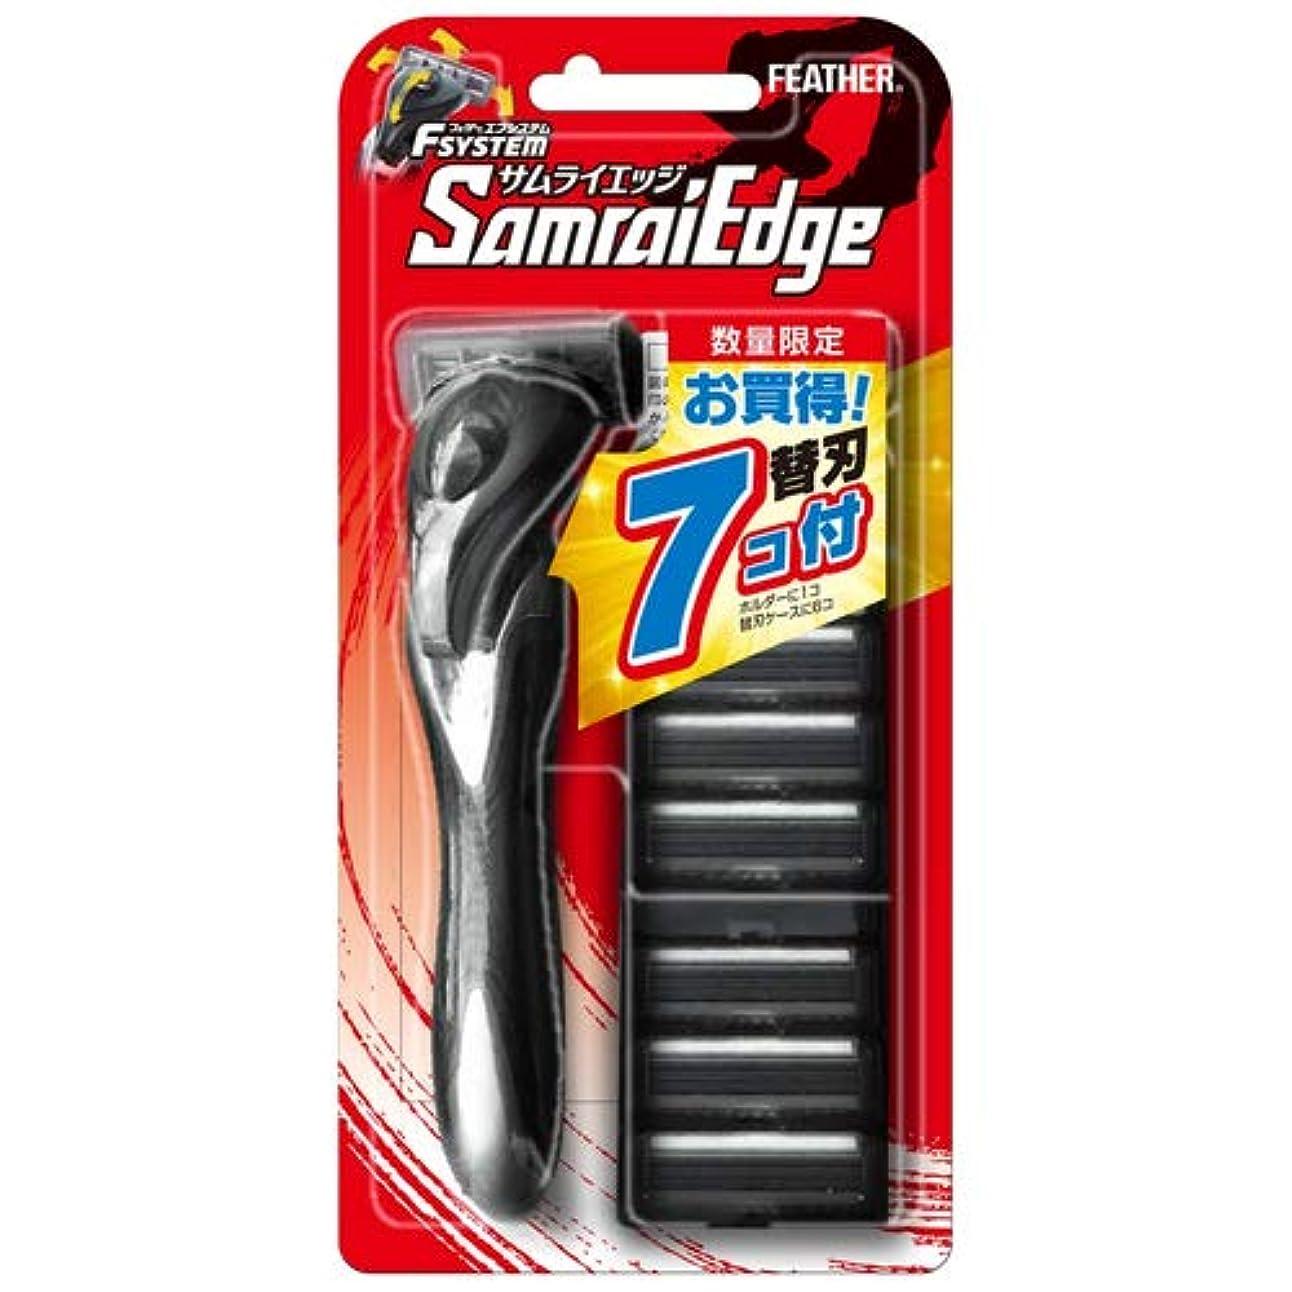 驚いたことにオーロック影響するフェザー安全剃刀 サムライエッジ 替刃 7コ付き バリューパック セット 1本+替刃7個